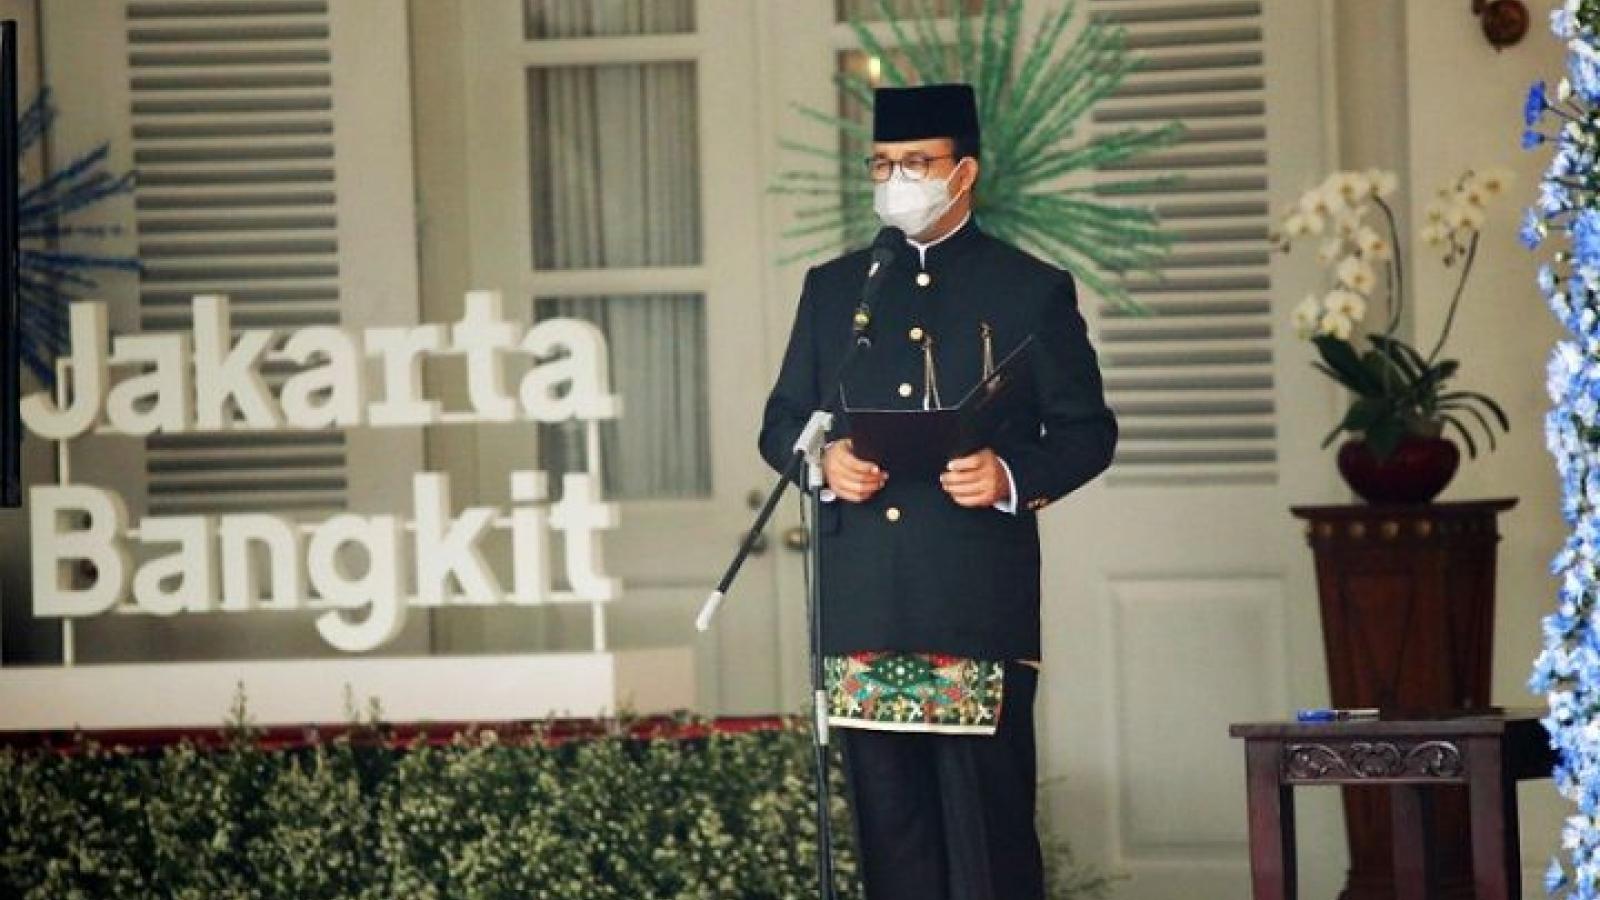 Jakarta kỉ niệm 494 năm thành lập trong cuộc khủng hoảng y tế do đại dịch